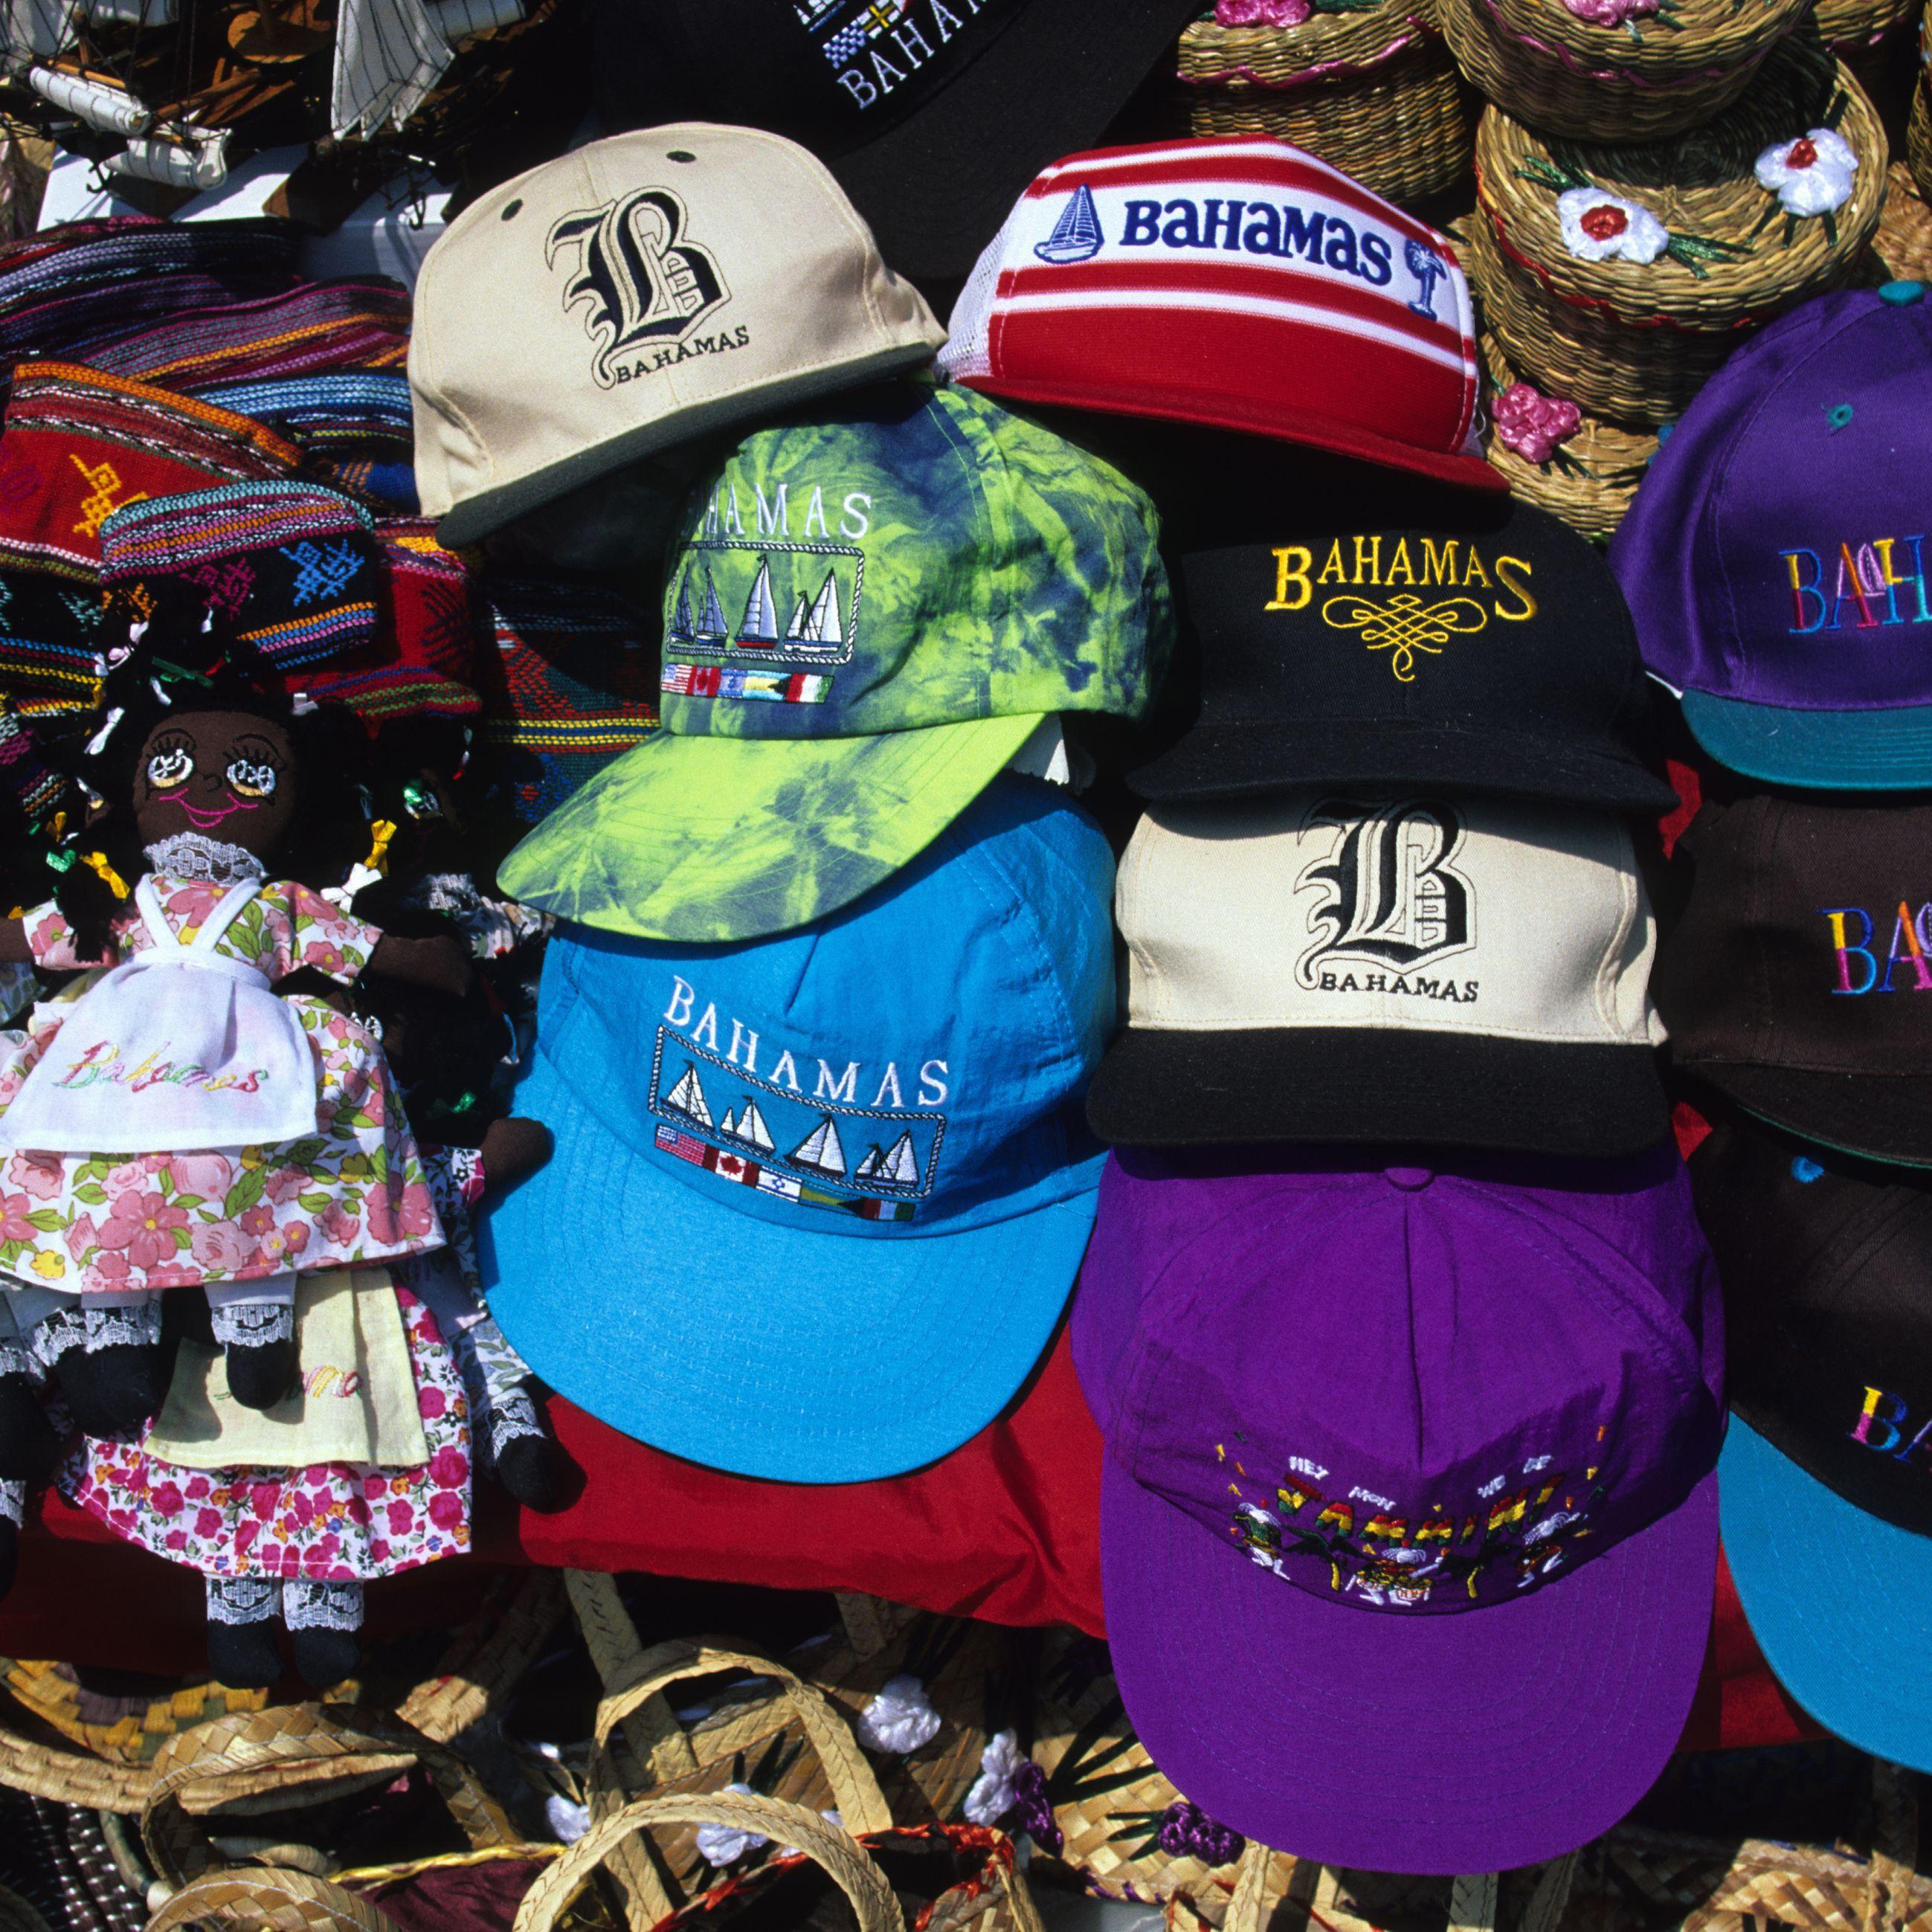 Various souvenirs at market stall in Nassau, Bahamas